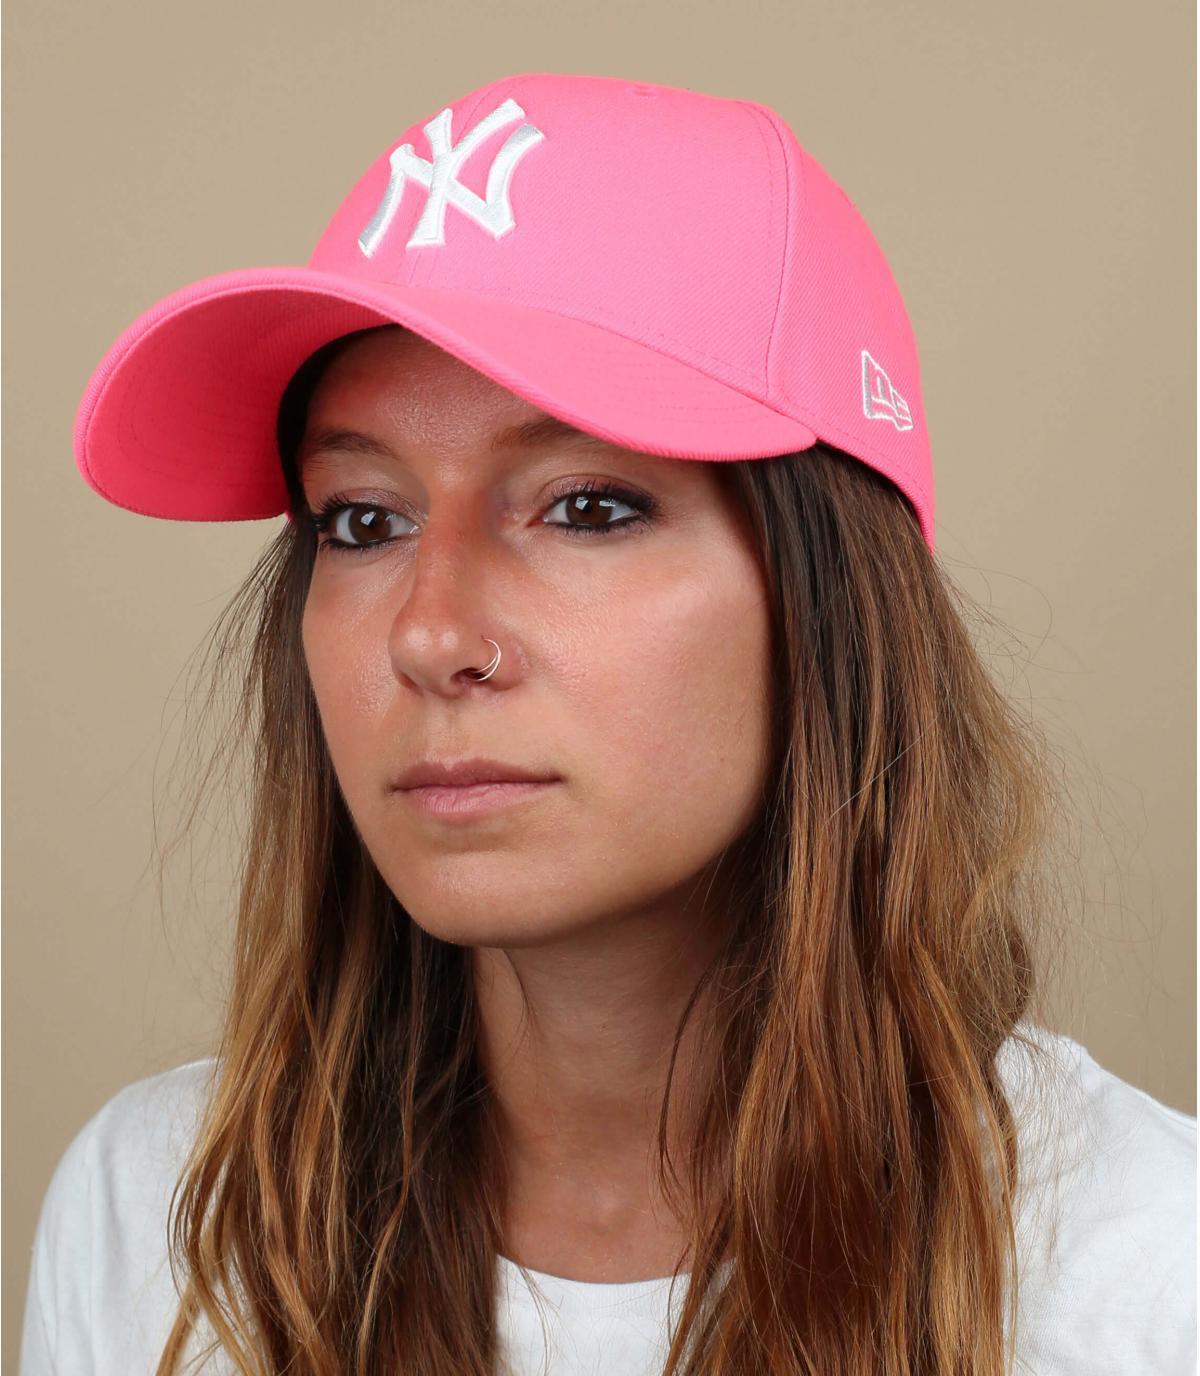 Neon pink NY cap